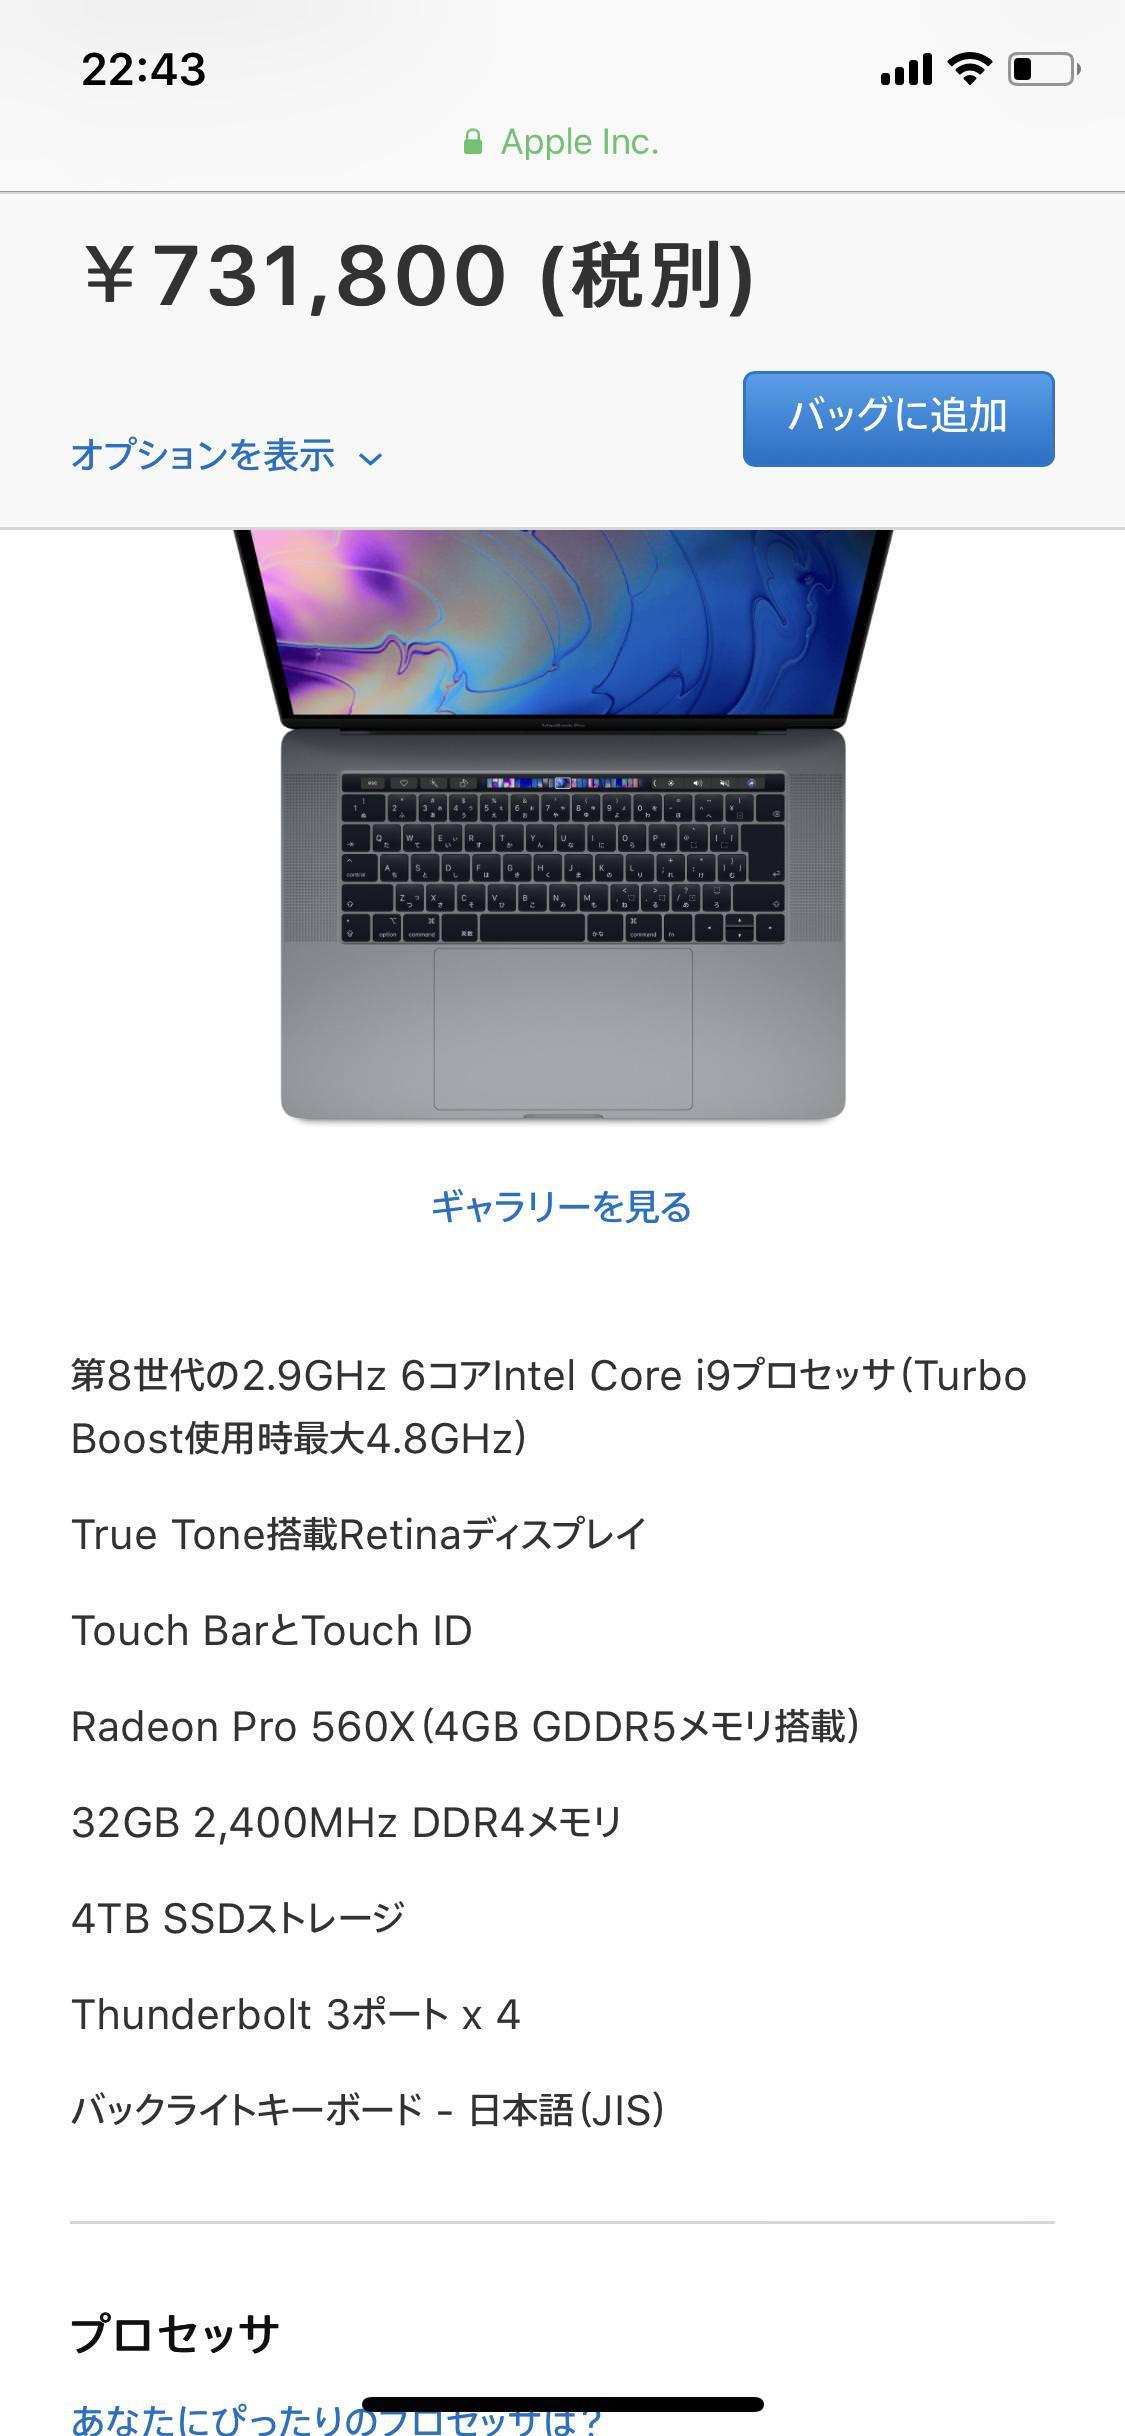 【悲報】 Appleさん、最高73万のノートパソコンを販売開始